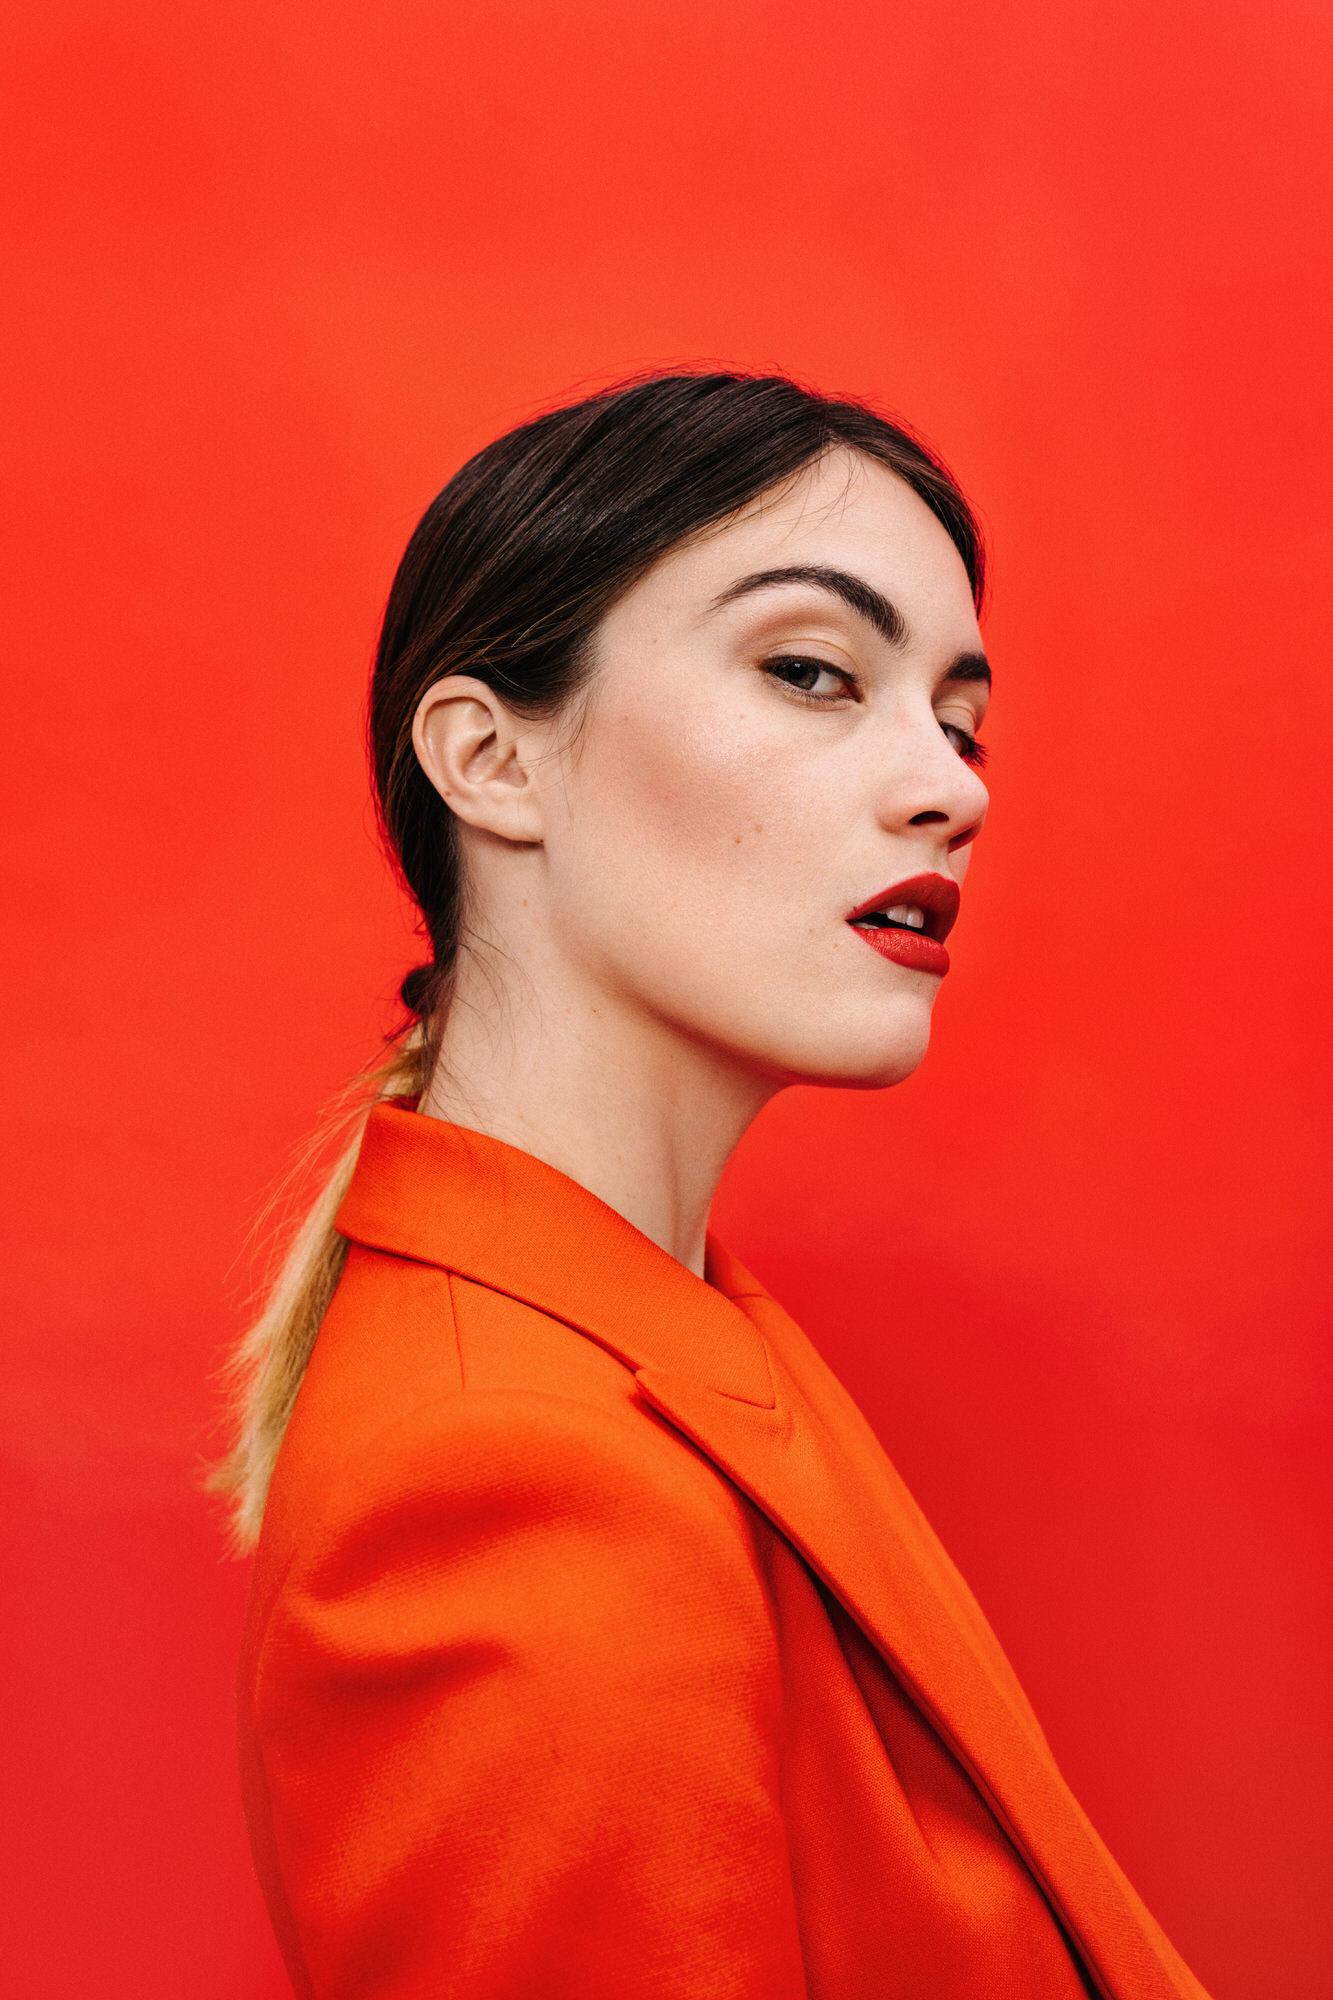 fotografo-retrato-moda-valencia-01